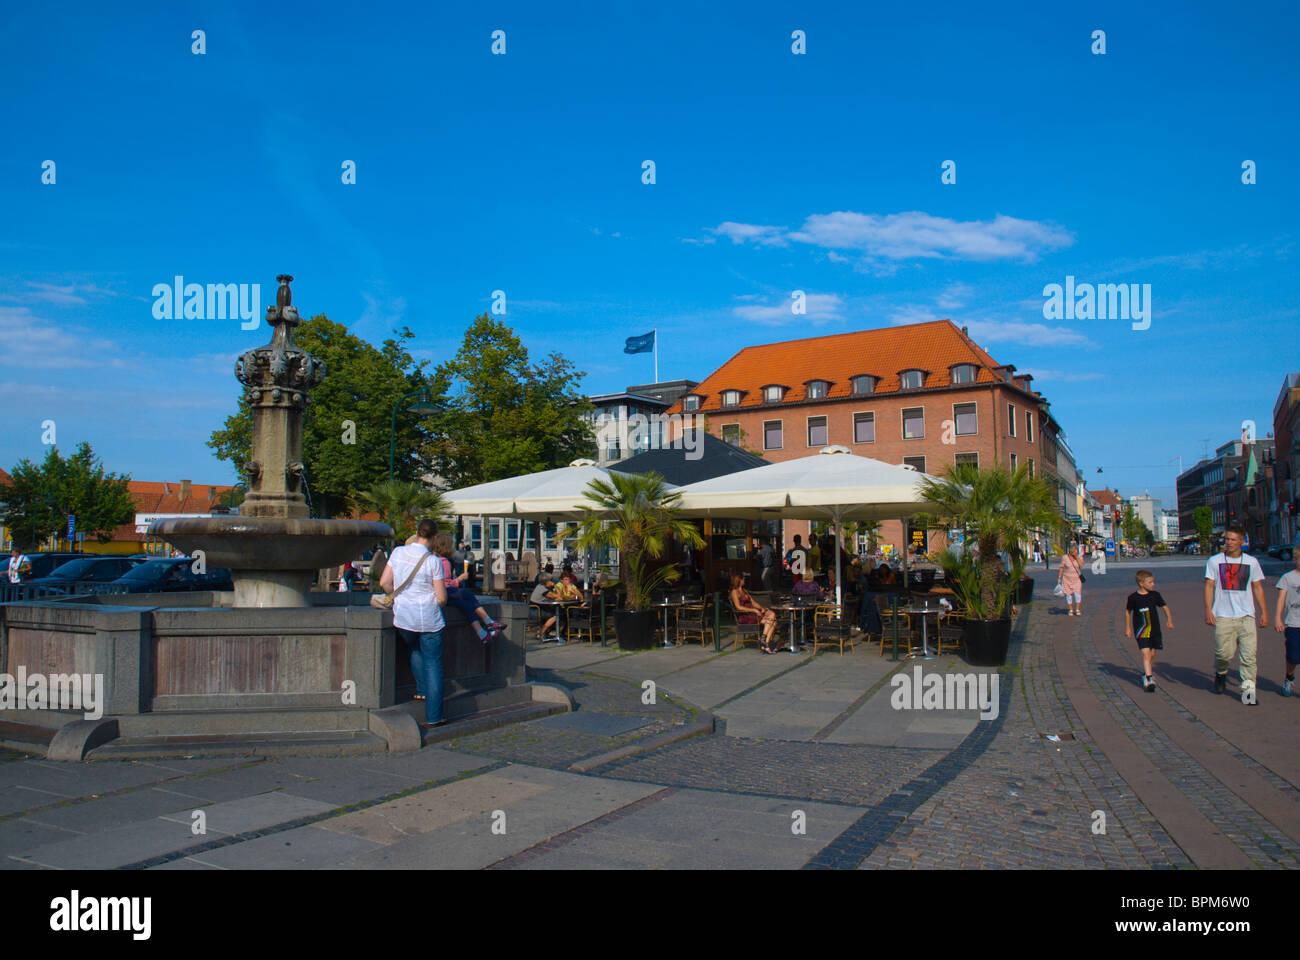 Staendertorvet square central Roskilde Denmark Europe - Stock Image